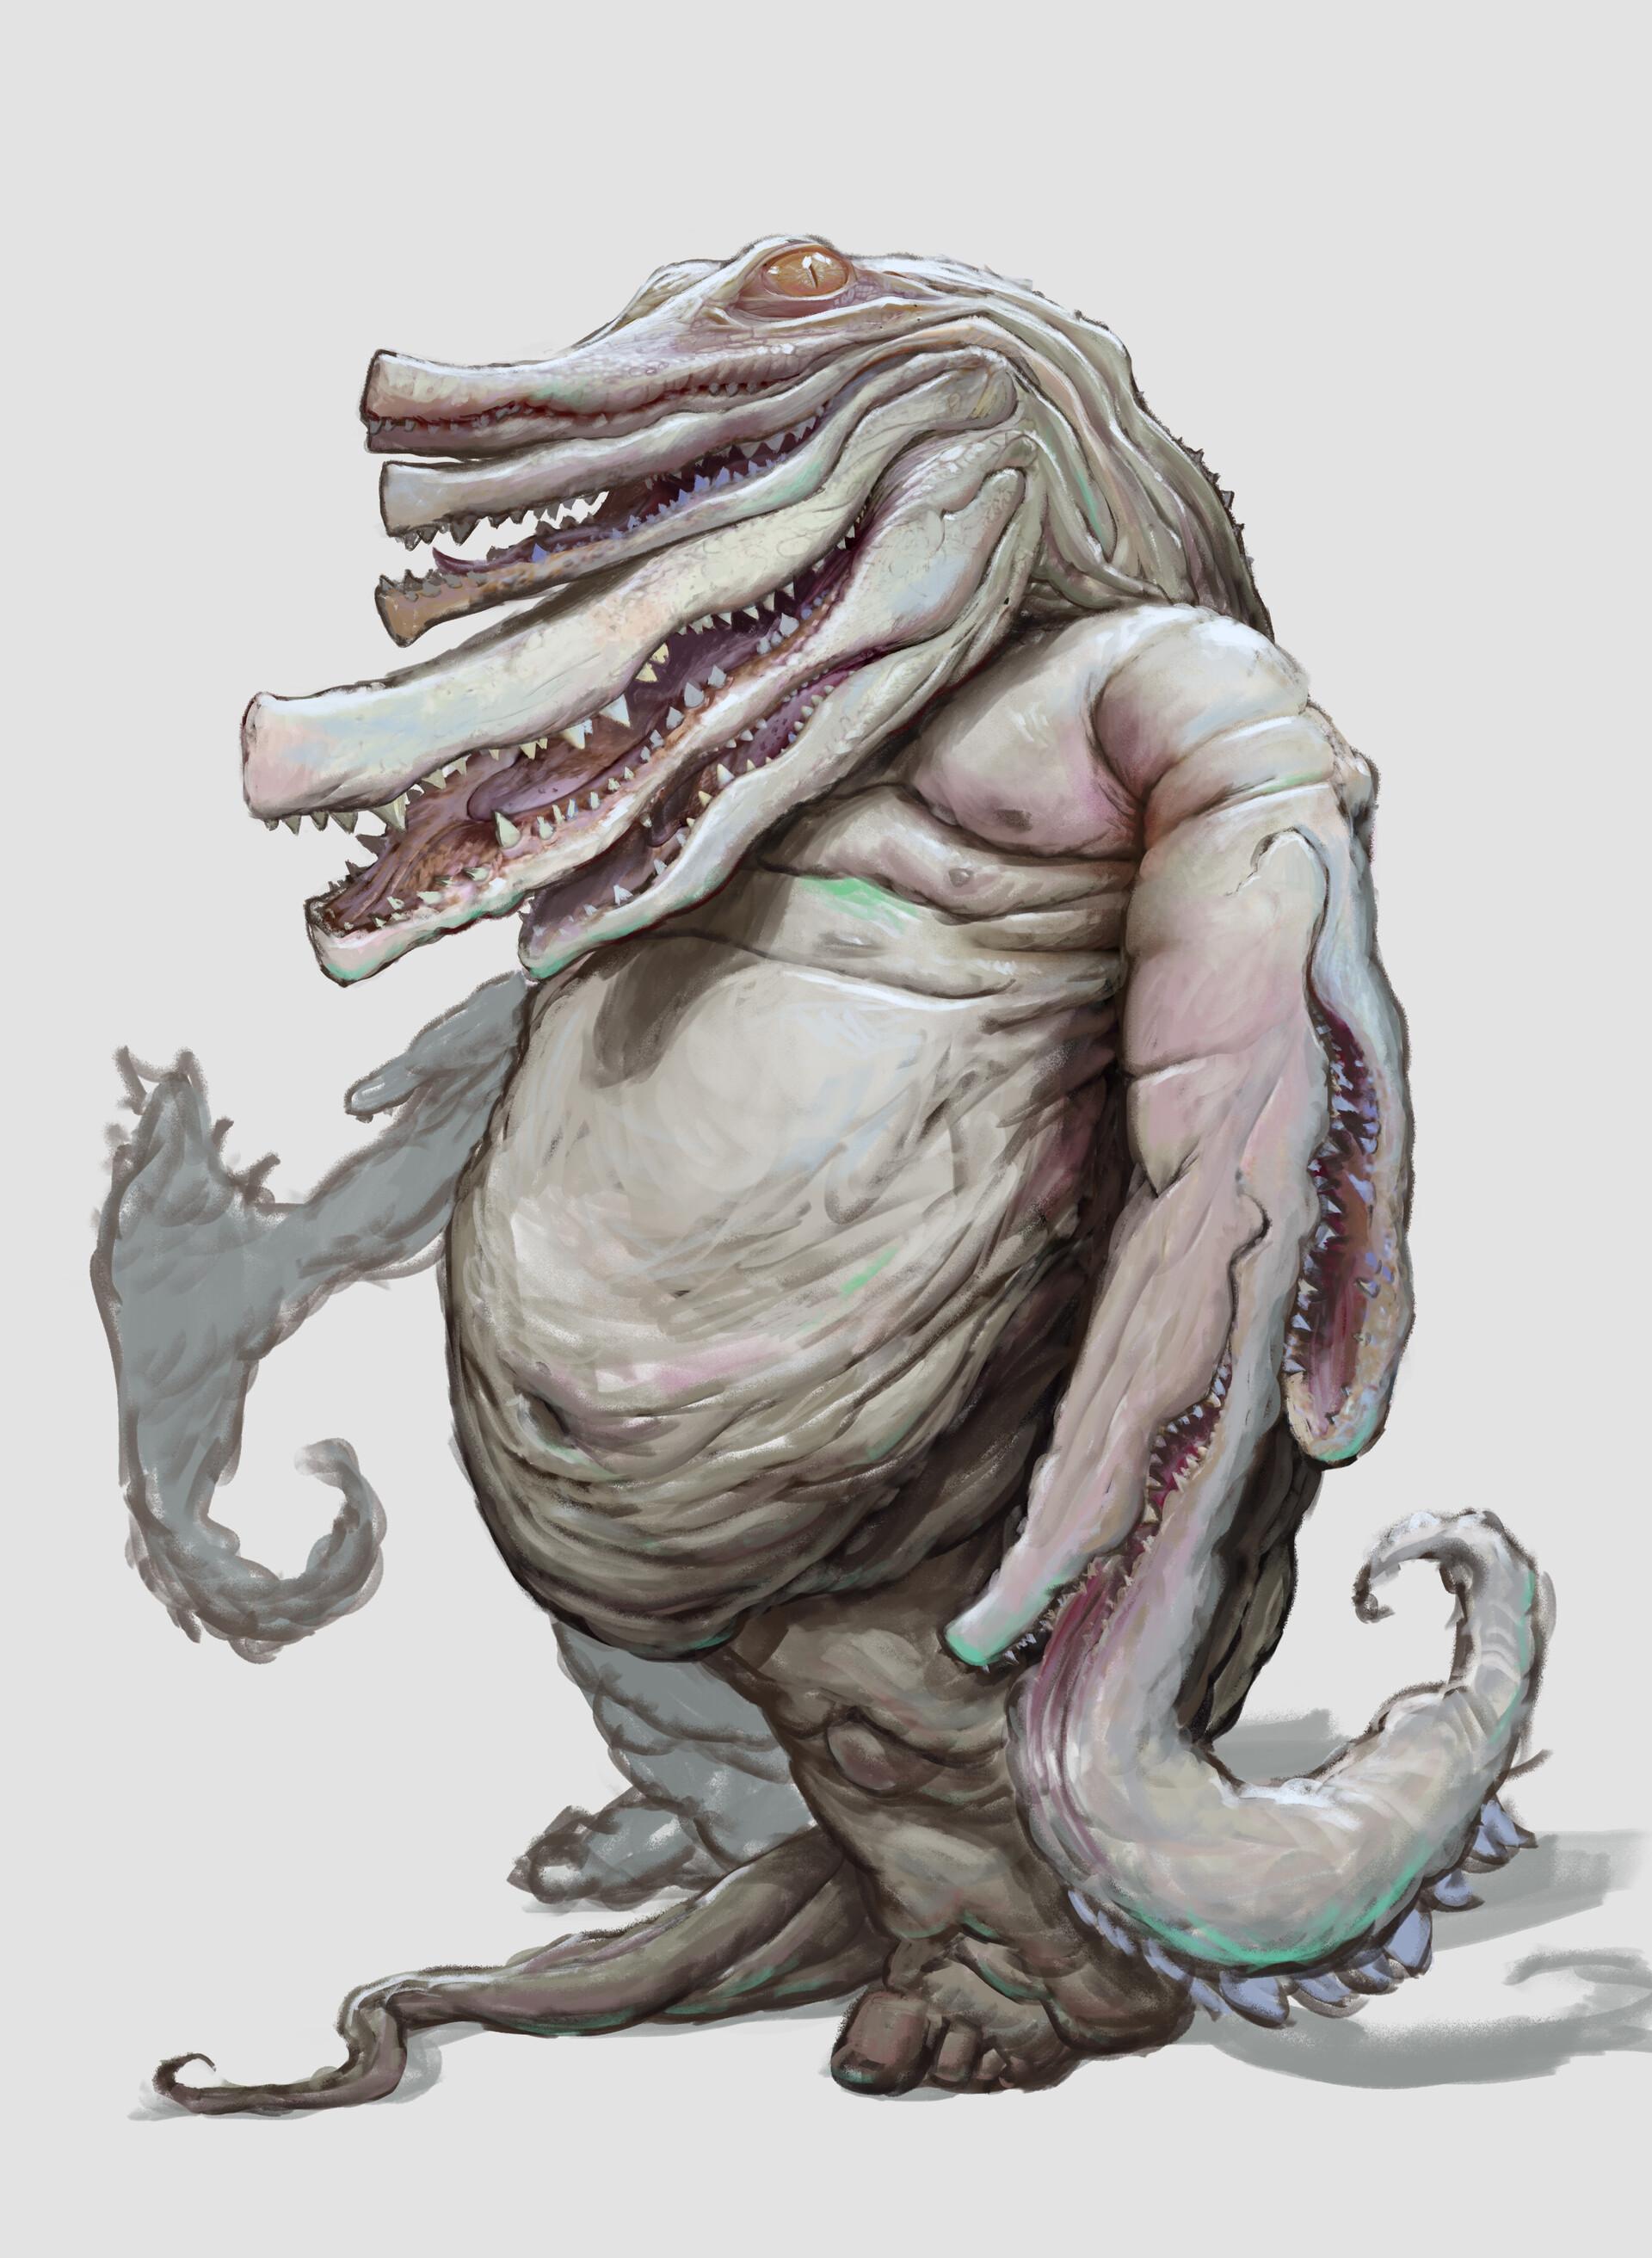 Gediminas skyrius aligator mutant 1